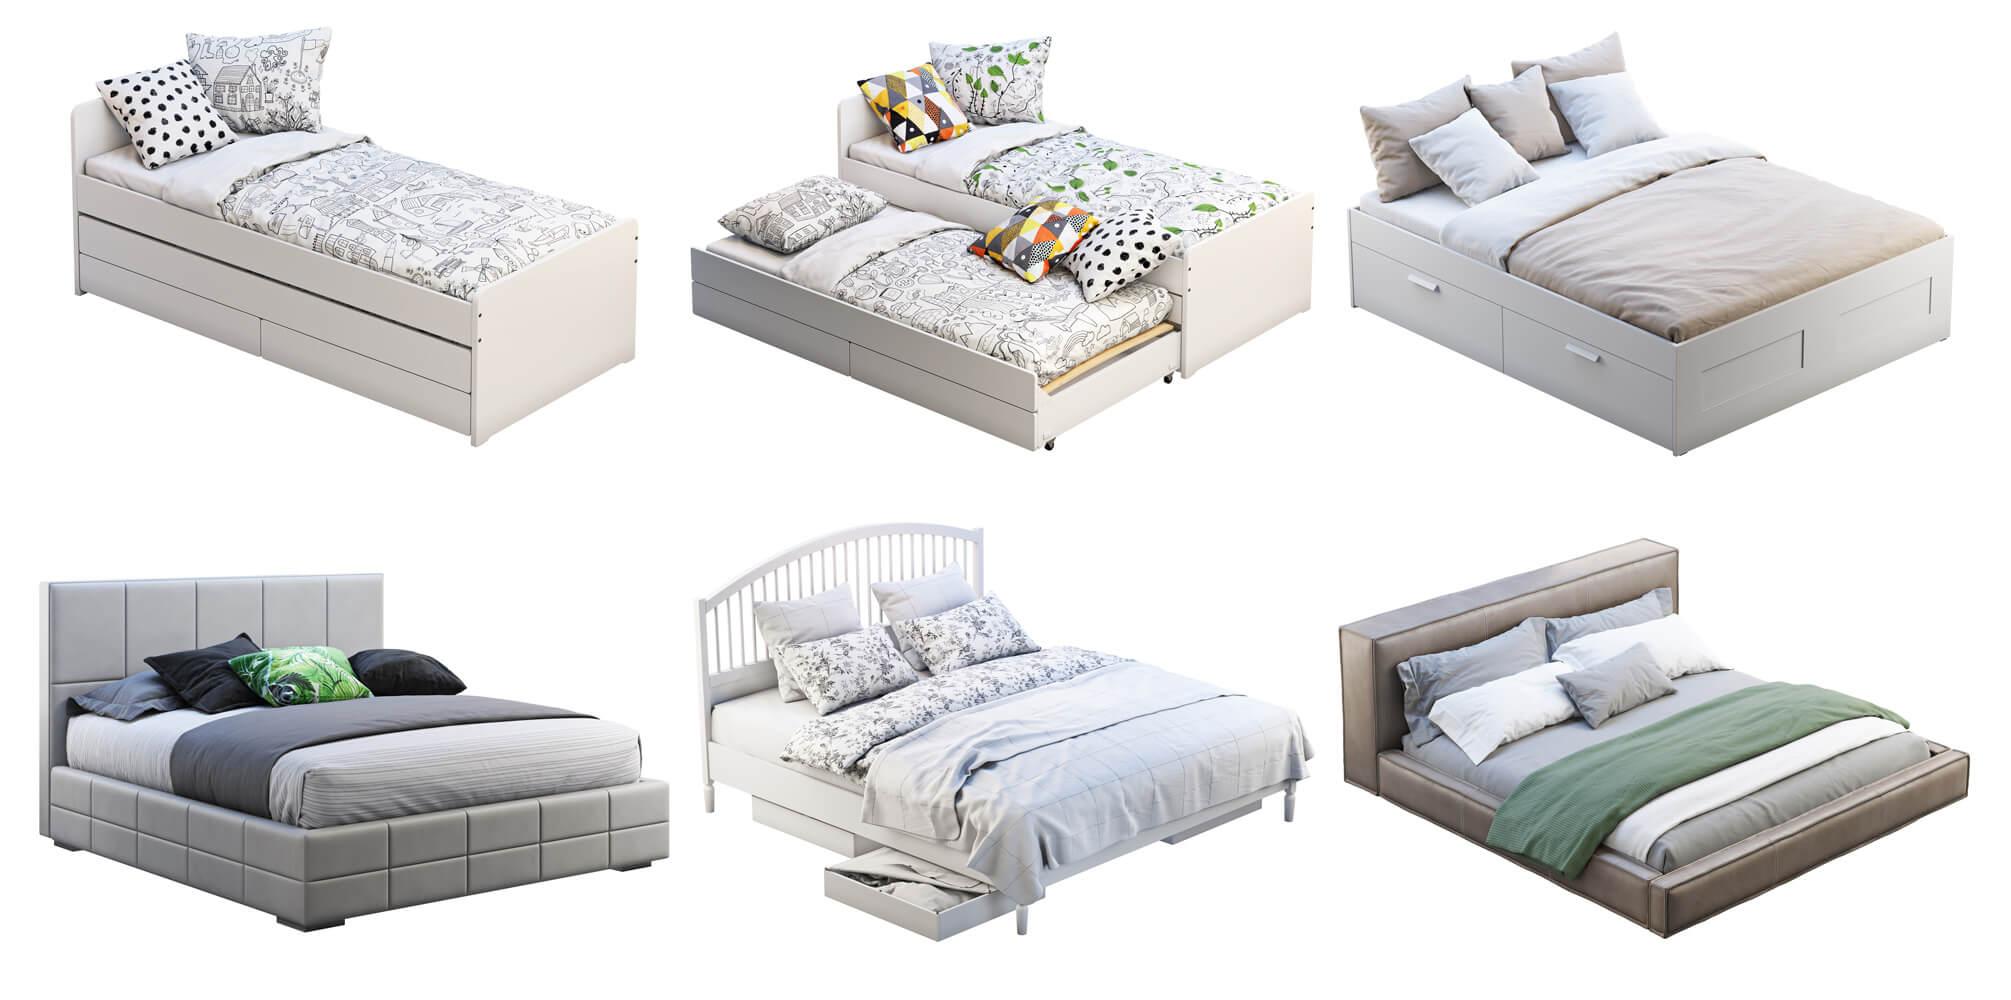 Jaki wybrać rozmiar łóżka do sypialni